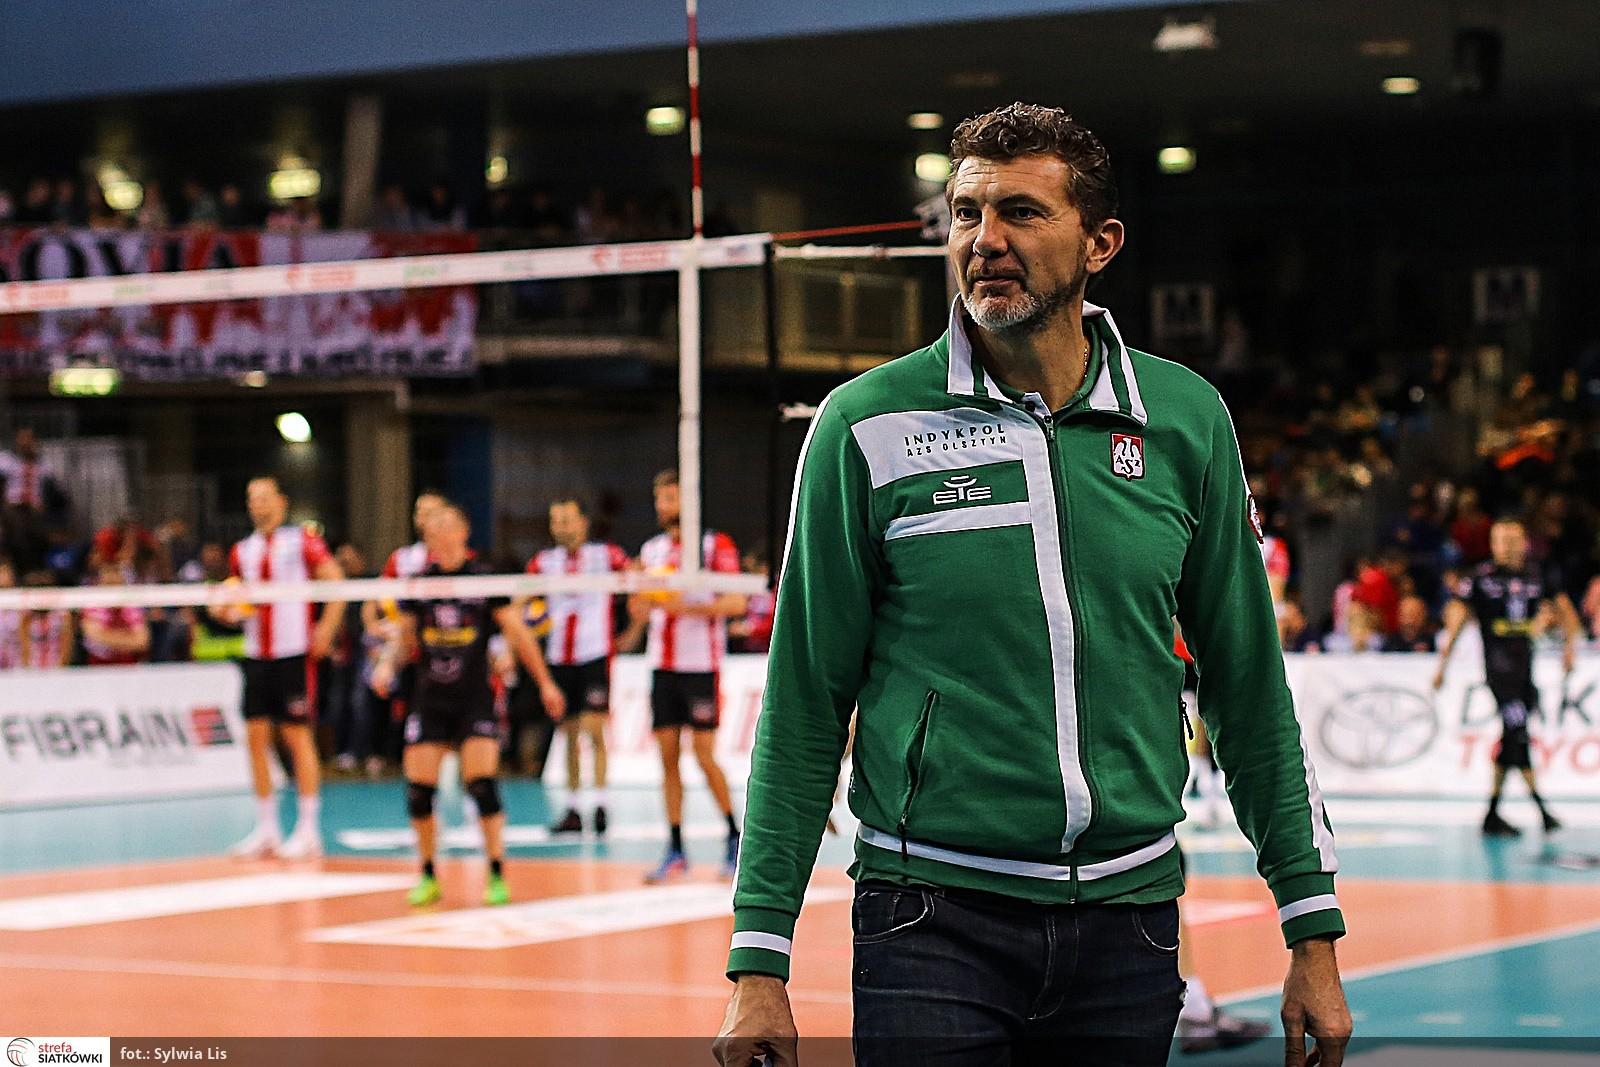 Andrea Gardini